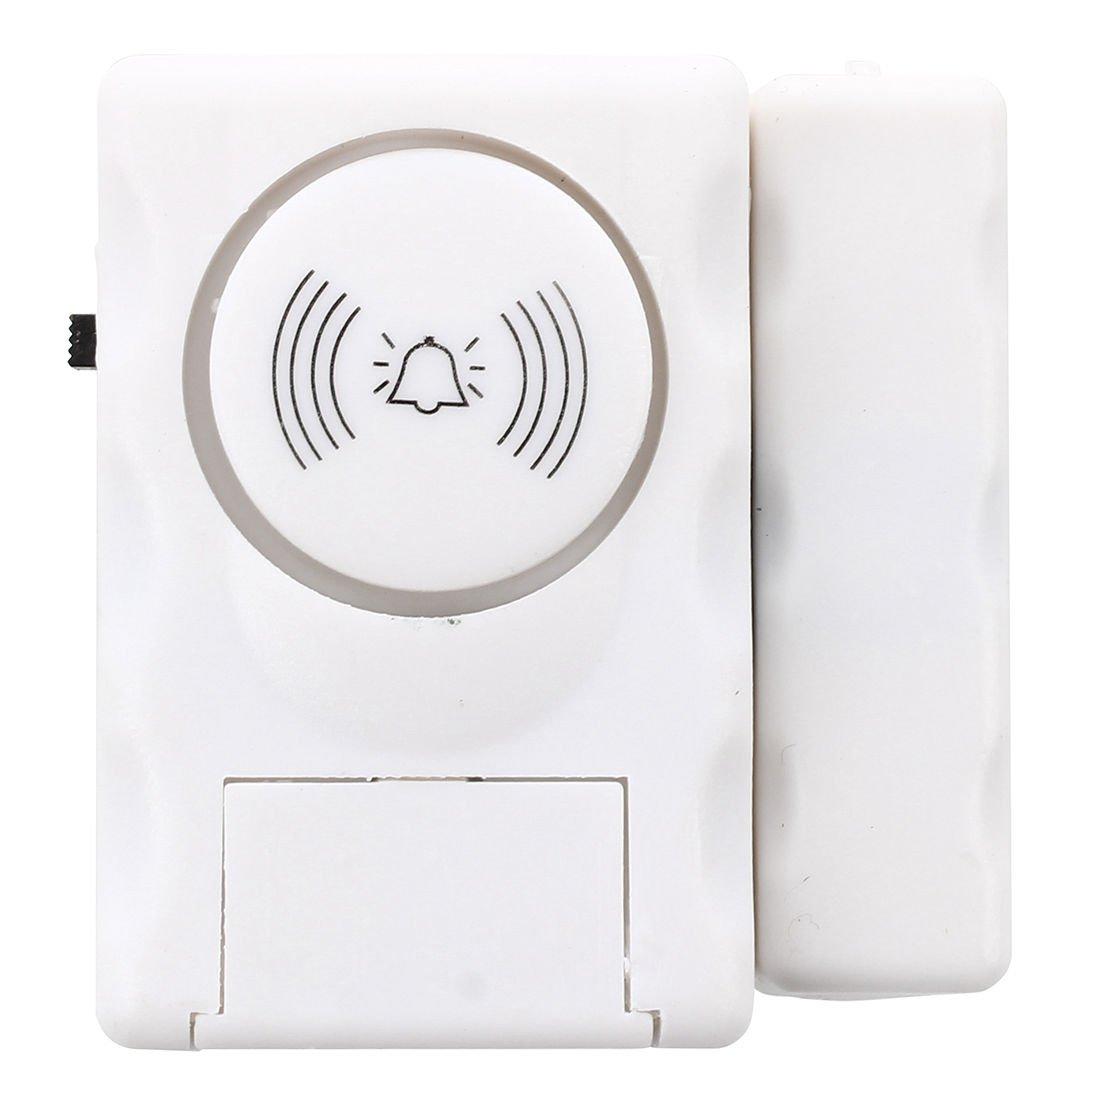 REFURBISHHOUSE Detecteur Magnetique Ouverture Porte Fenetre Alarme Securite Maison